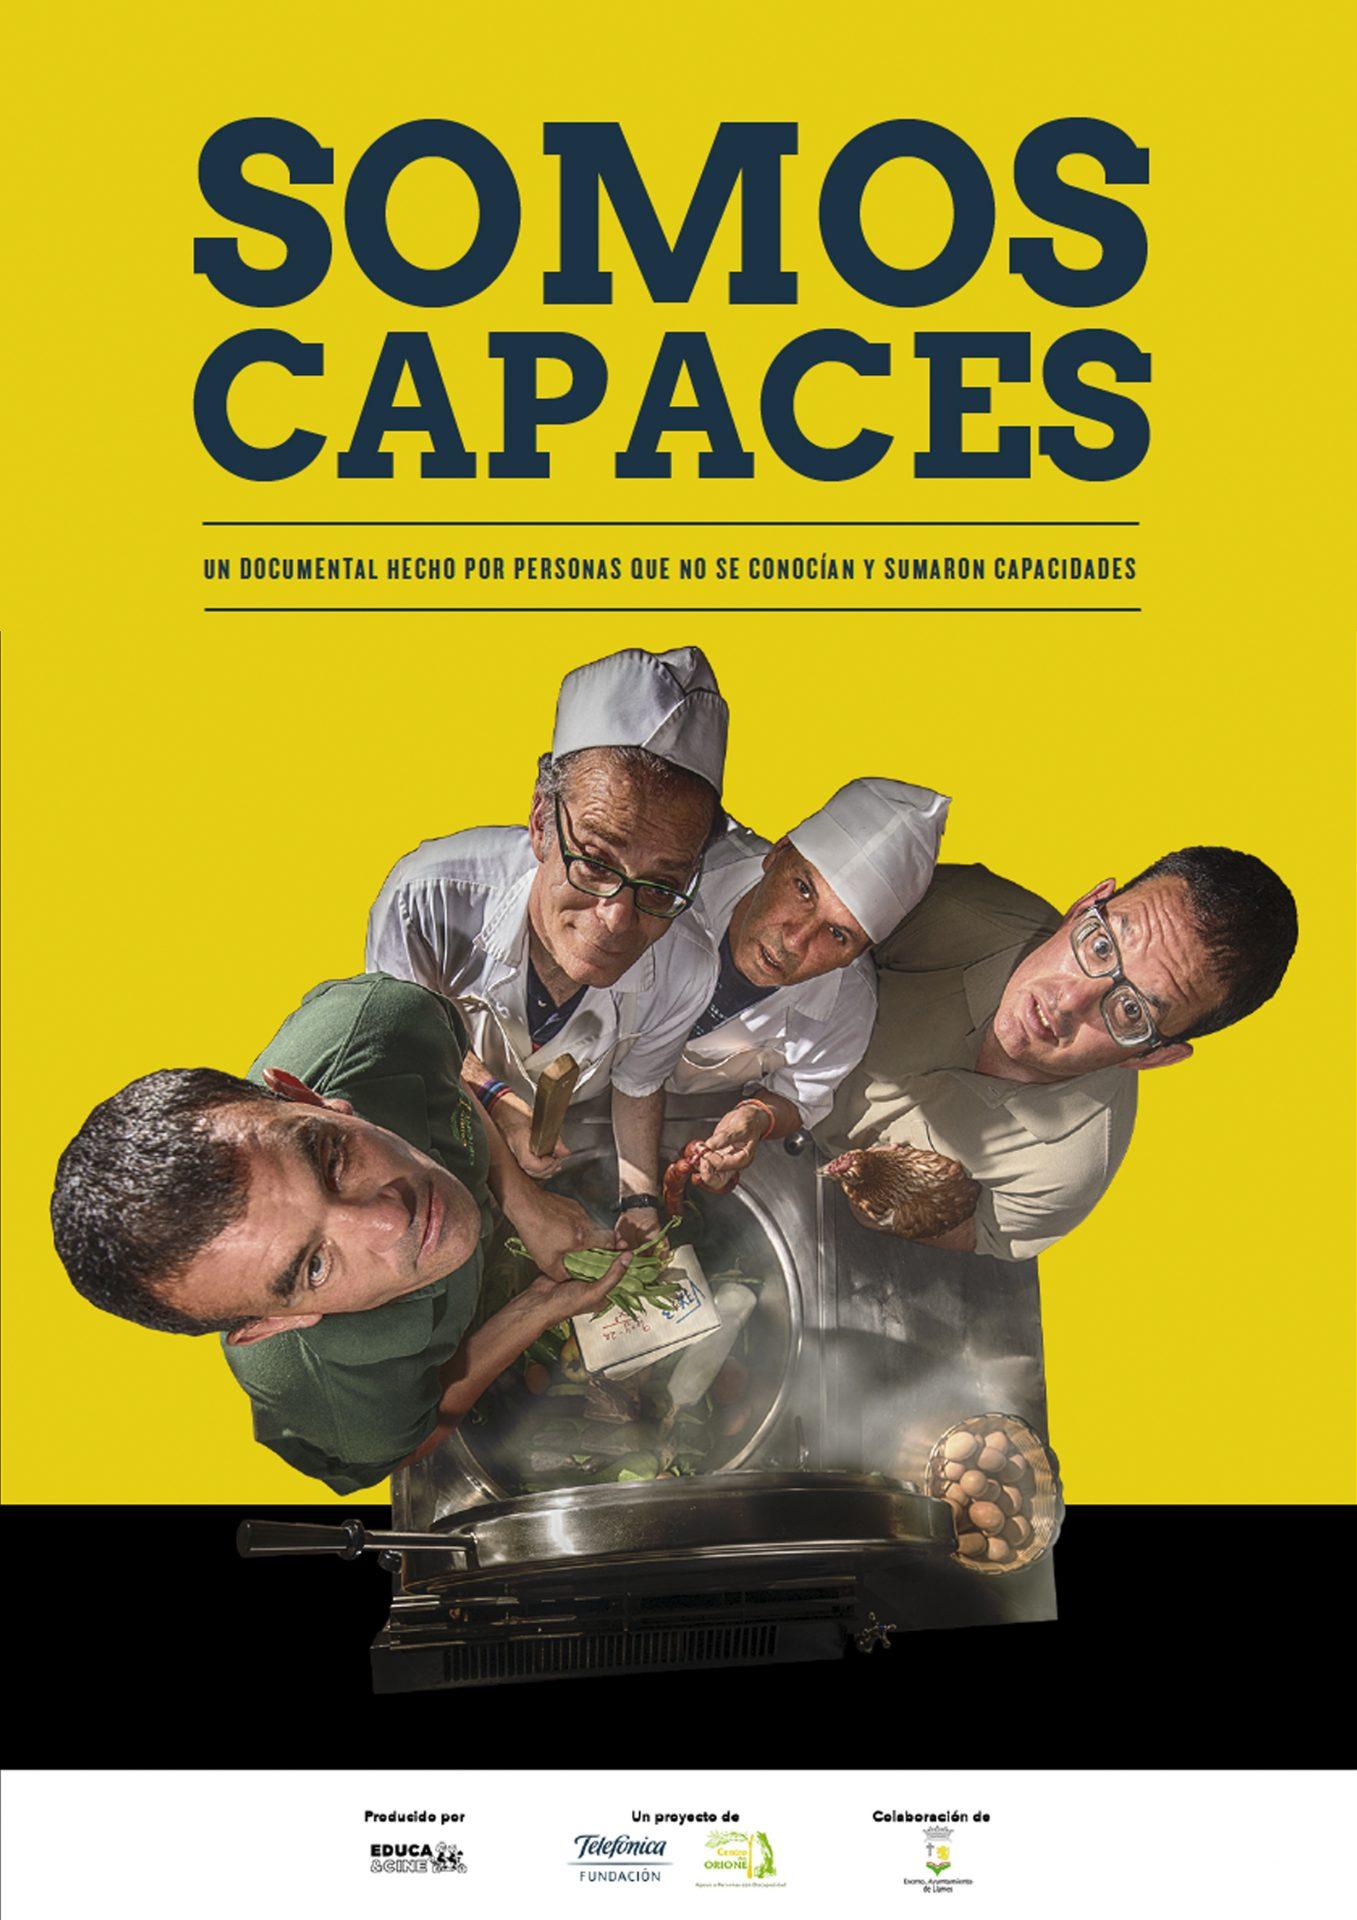 SOMOS CAPACES